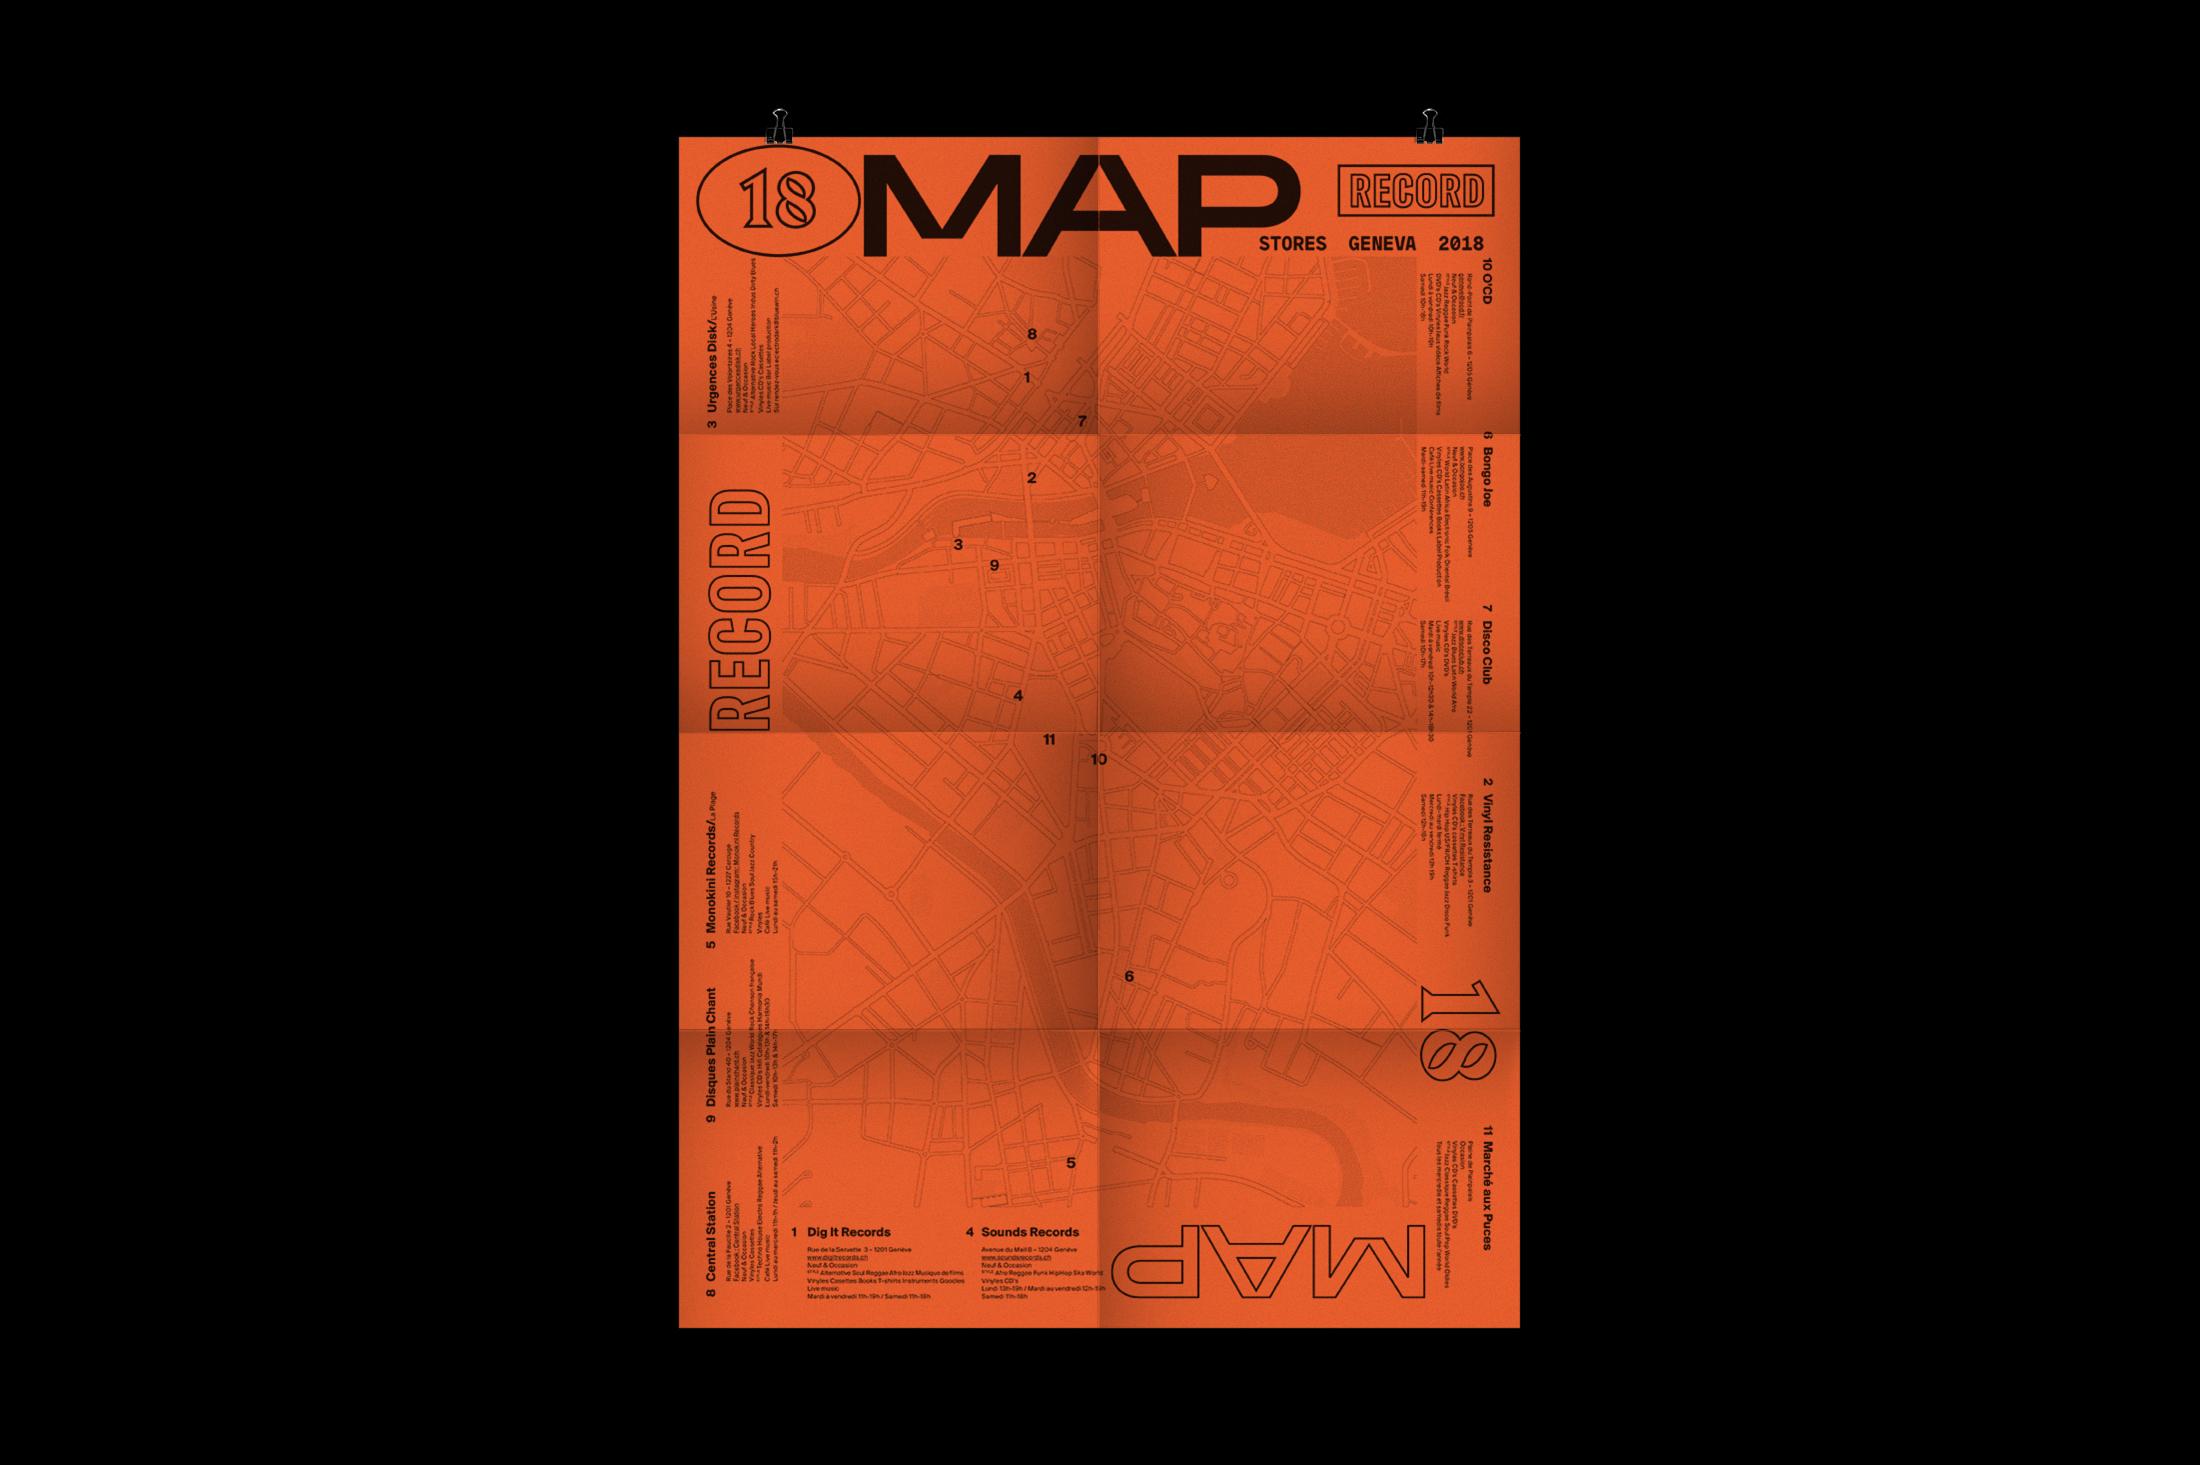 Graphisme graphic design graphique affiche poster swissposter culture culturel promotion  carte disquaires musique fête de la musique dépliant